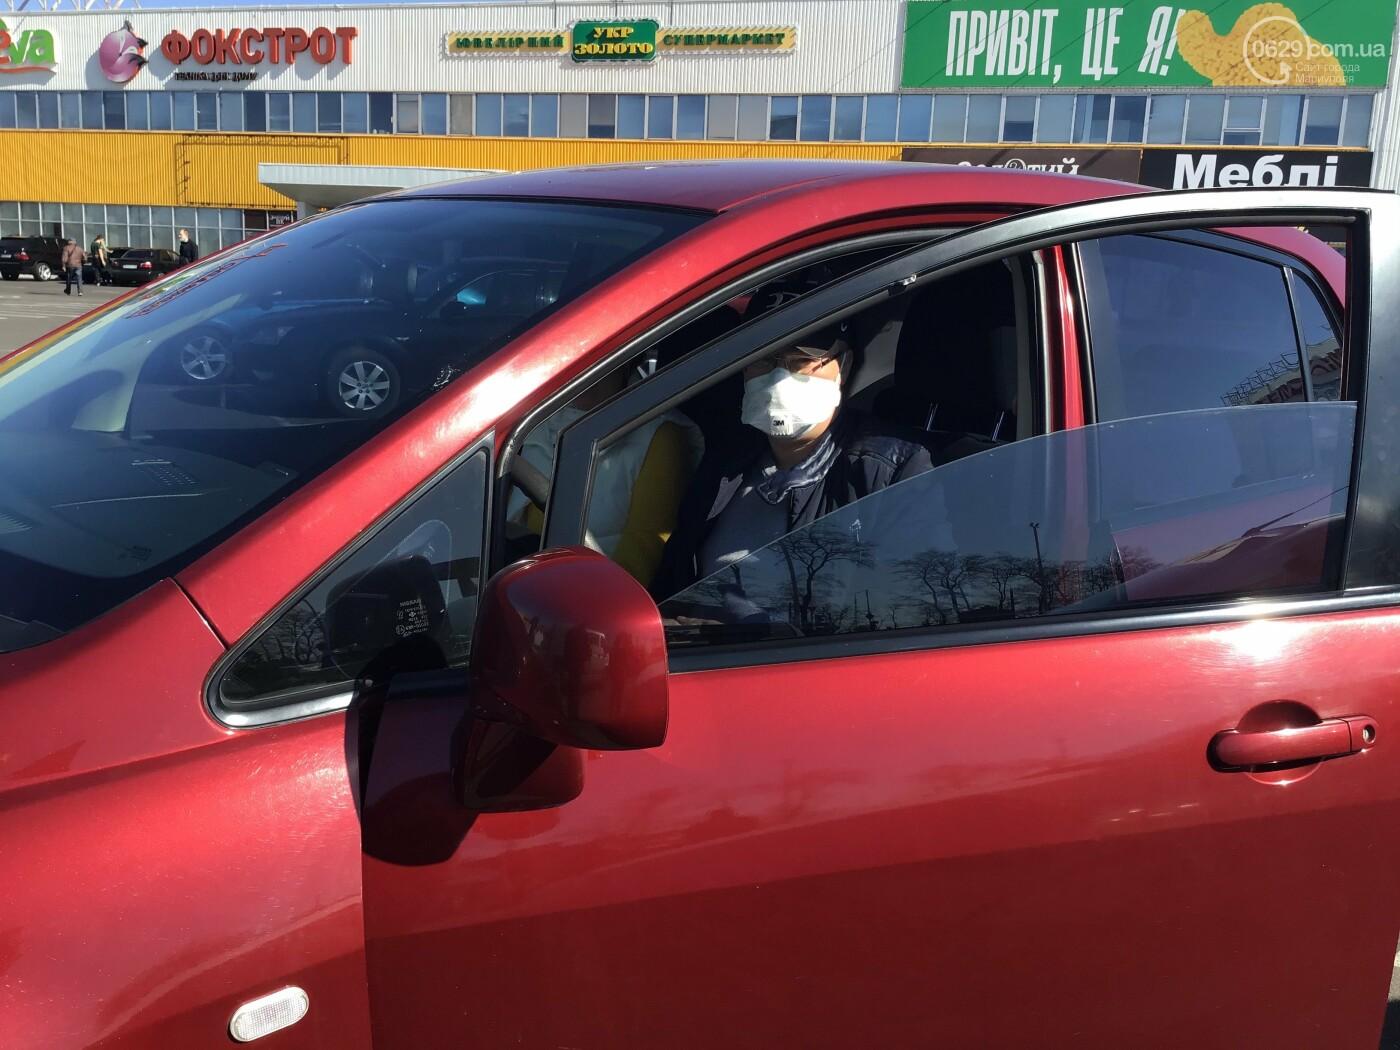 Автопробег в поддержку малого бизнеса: в Мариуполе митинговали машины, - ФОТО, ВИДЕО, фото-12